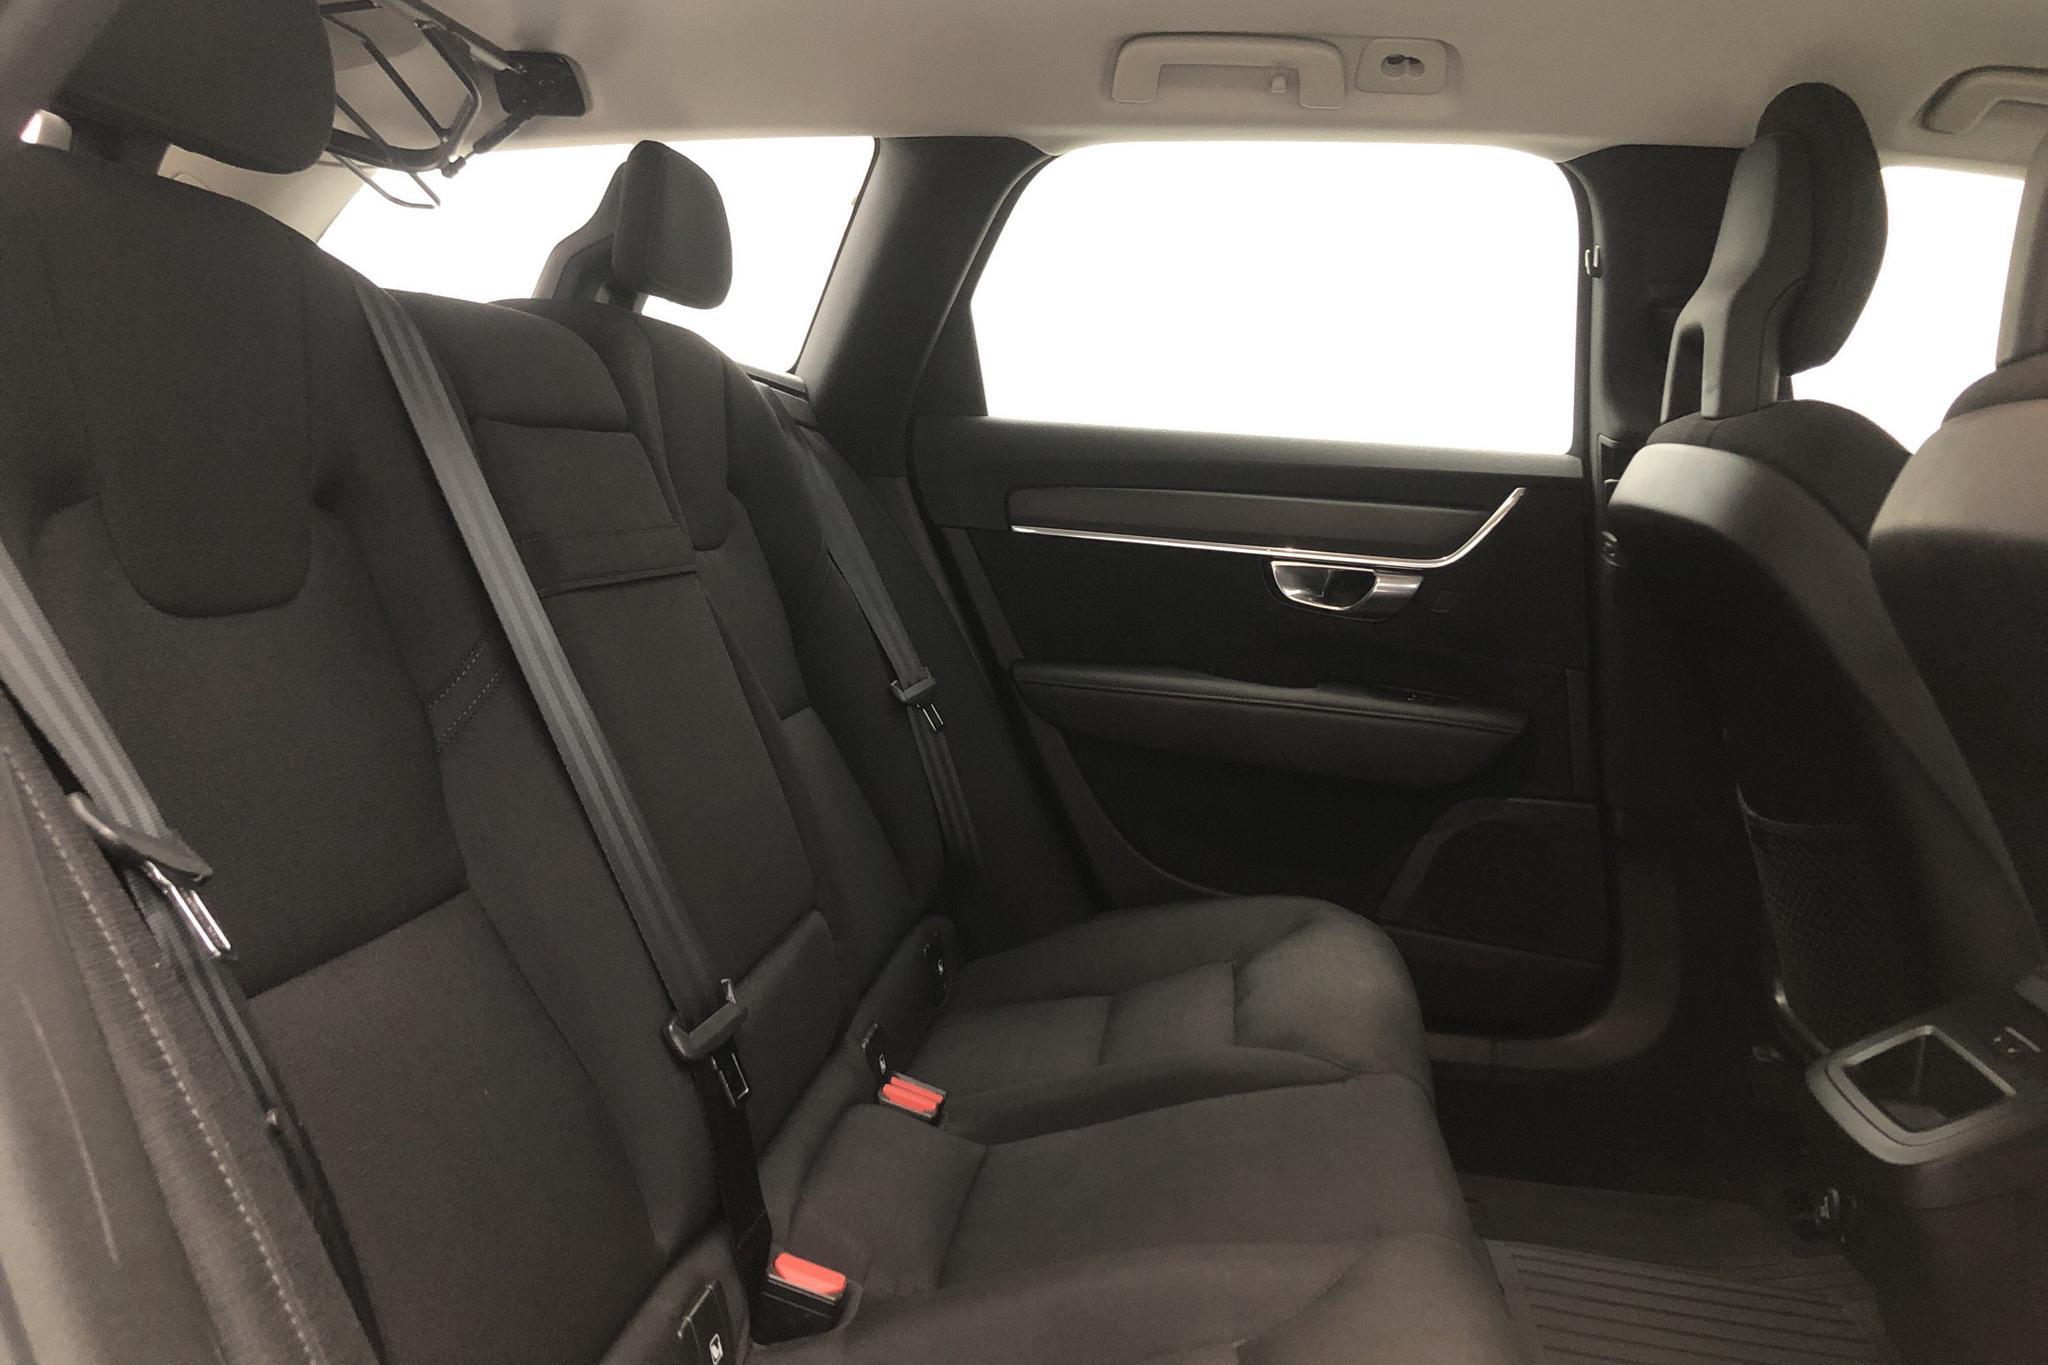 Volvo V90 D3 (150hk) - 148 020 km - Manual - black - 2018